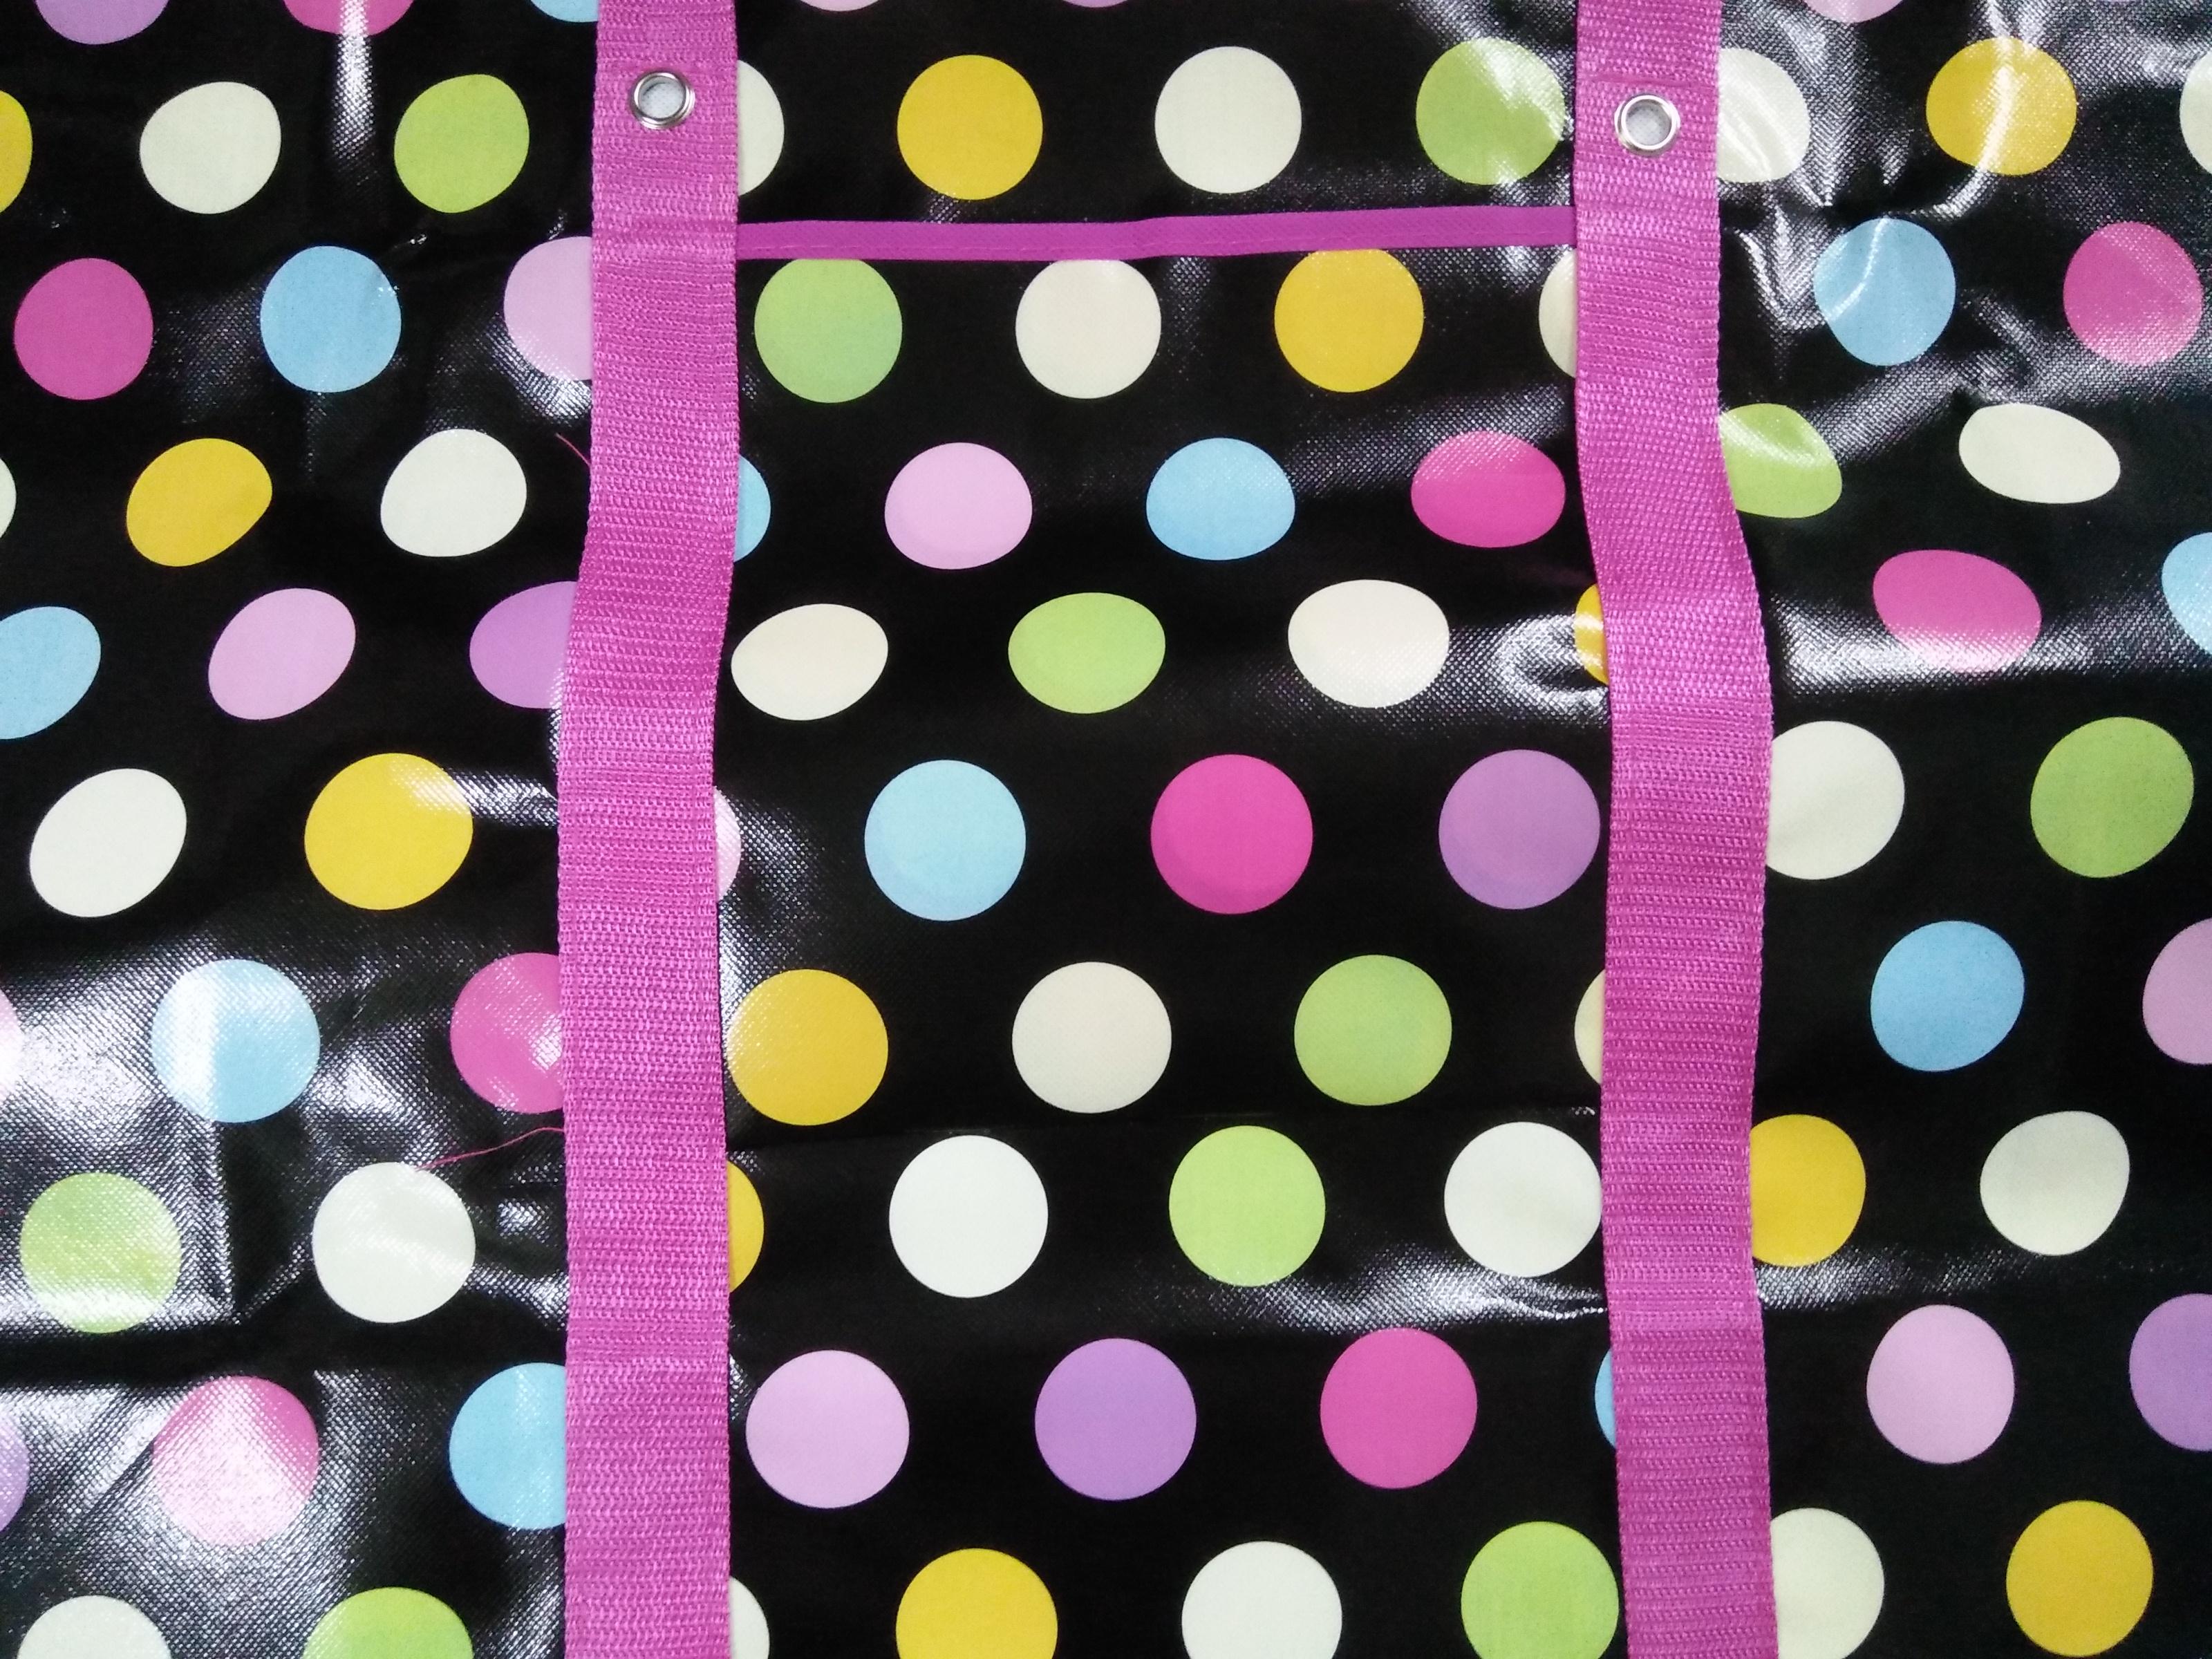 กระเป๋าสปันบอล Pink Dot shopping Bag ถุงสายรุ้ง ราคาส่ง 75 บาท